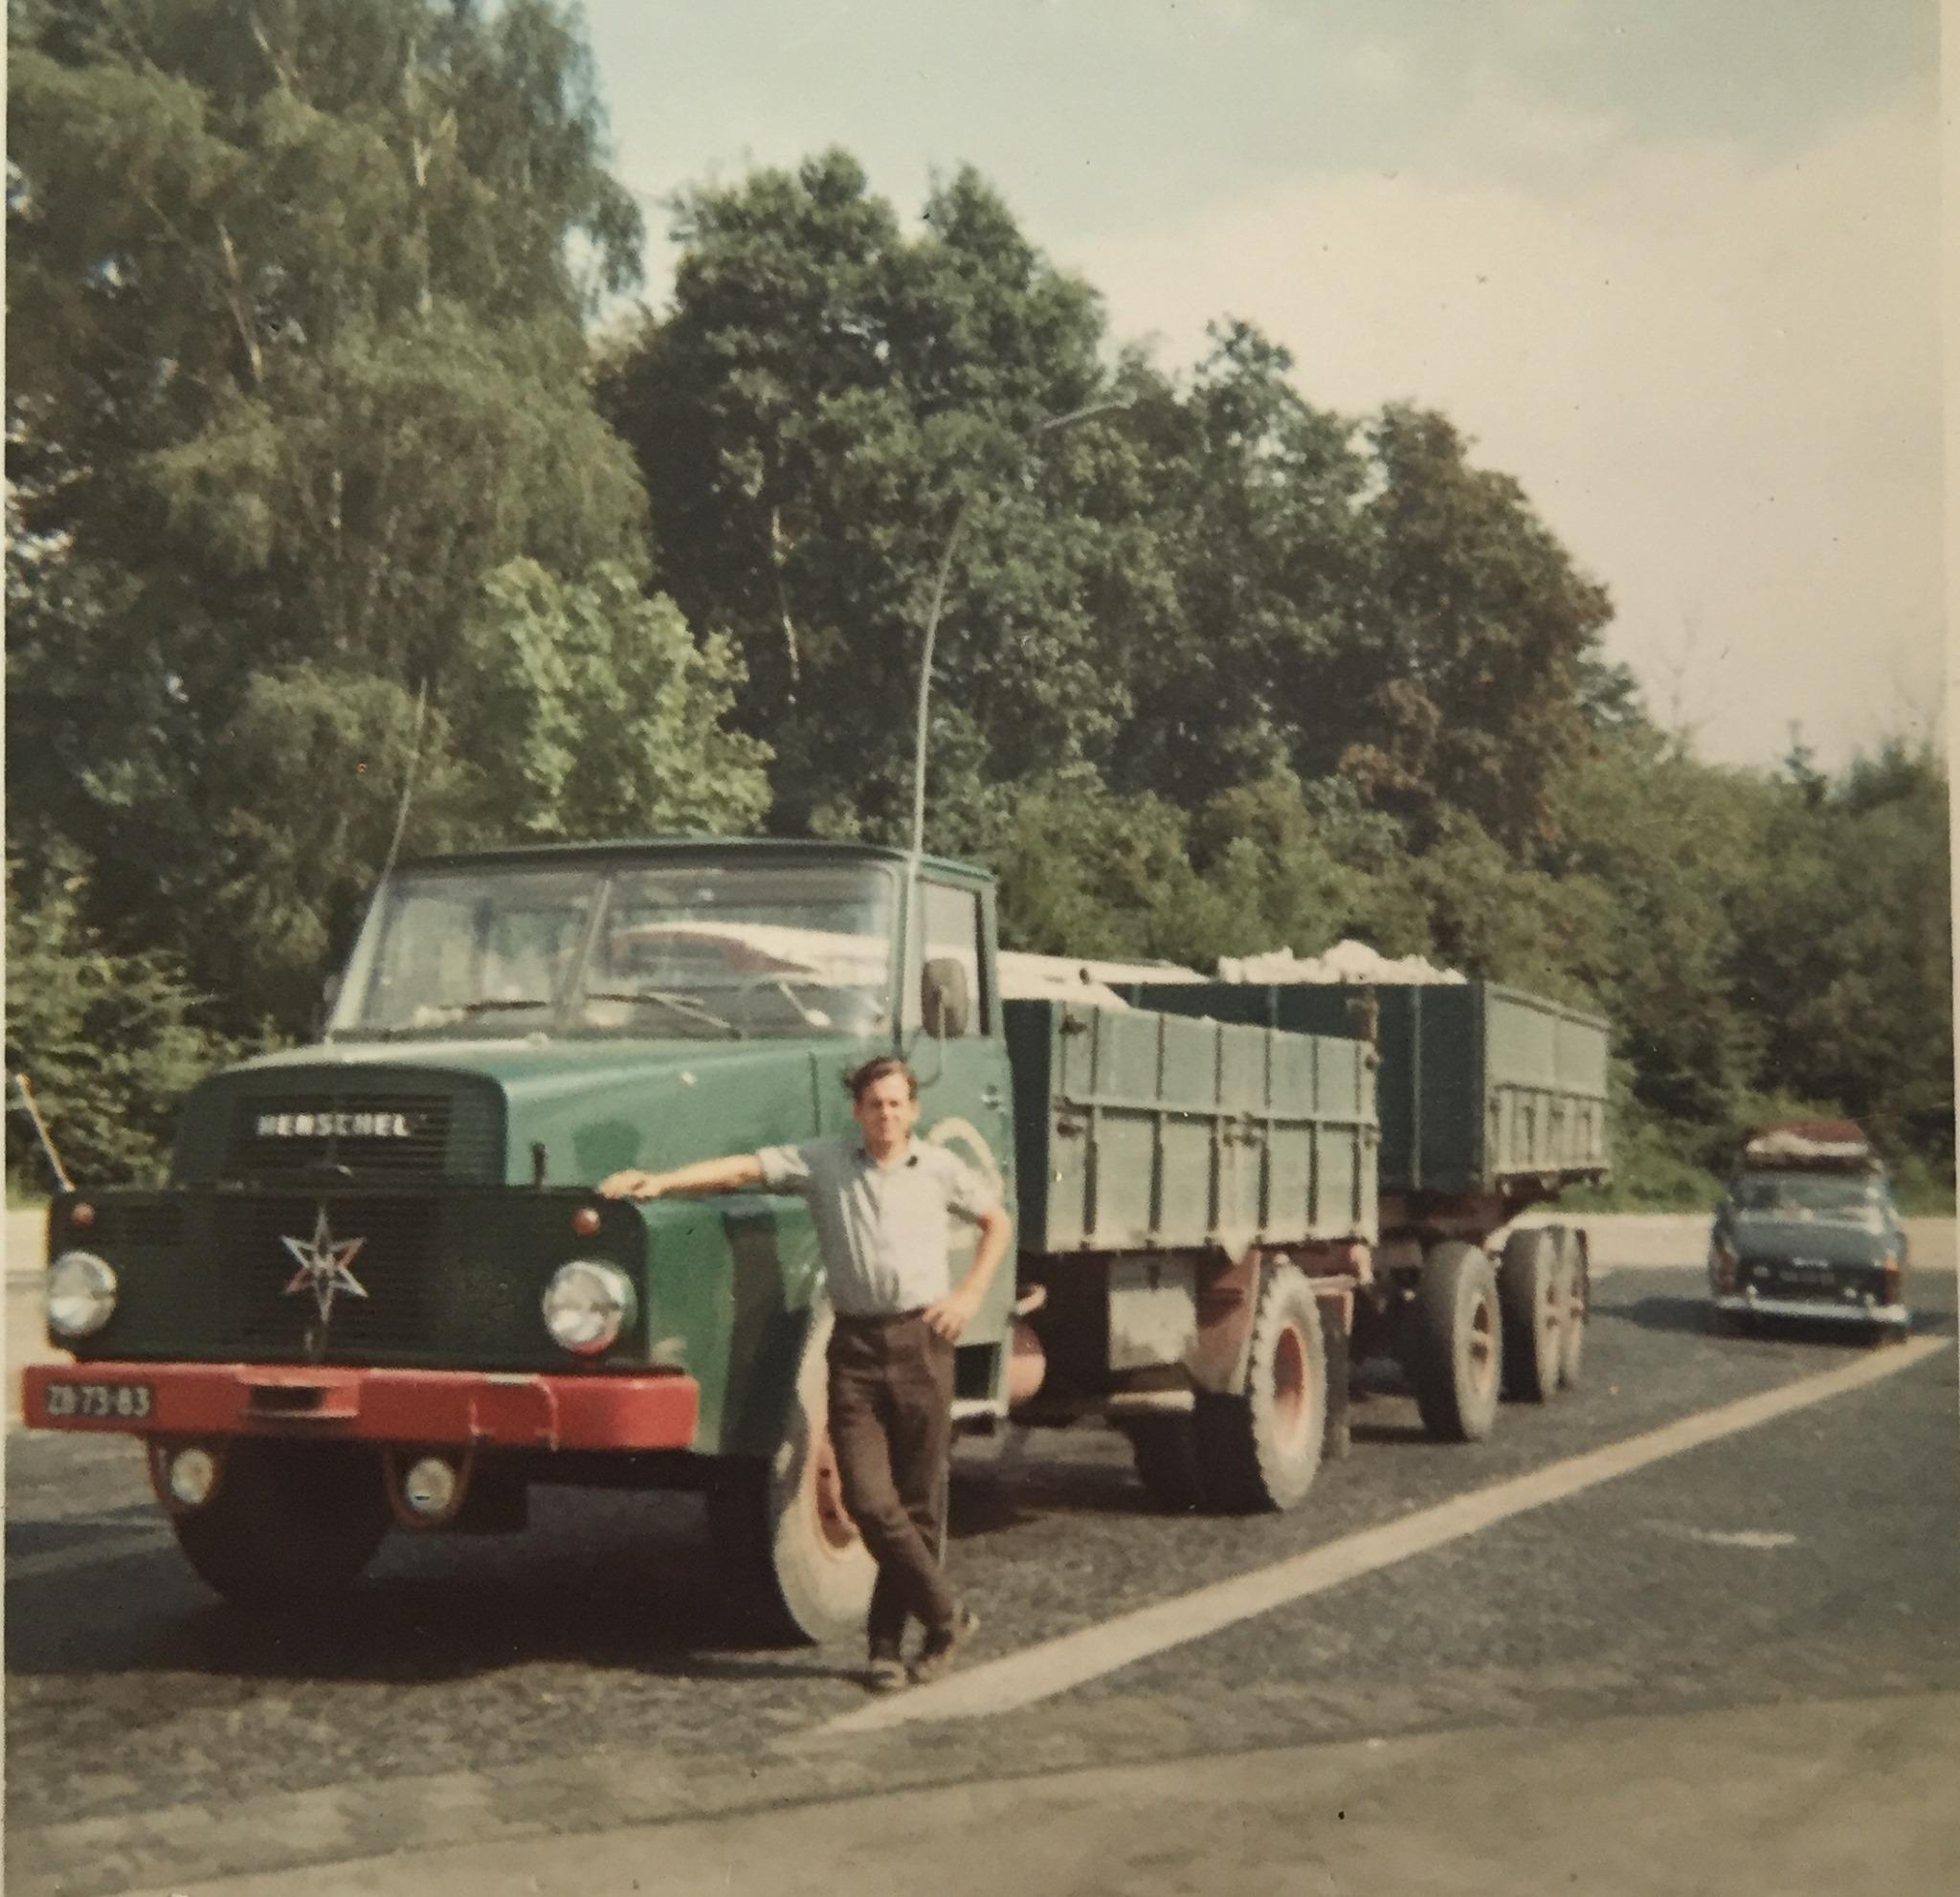 Henschel-1966-Siegburg-parkplatz-ZB-73-83-